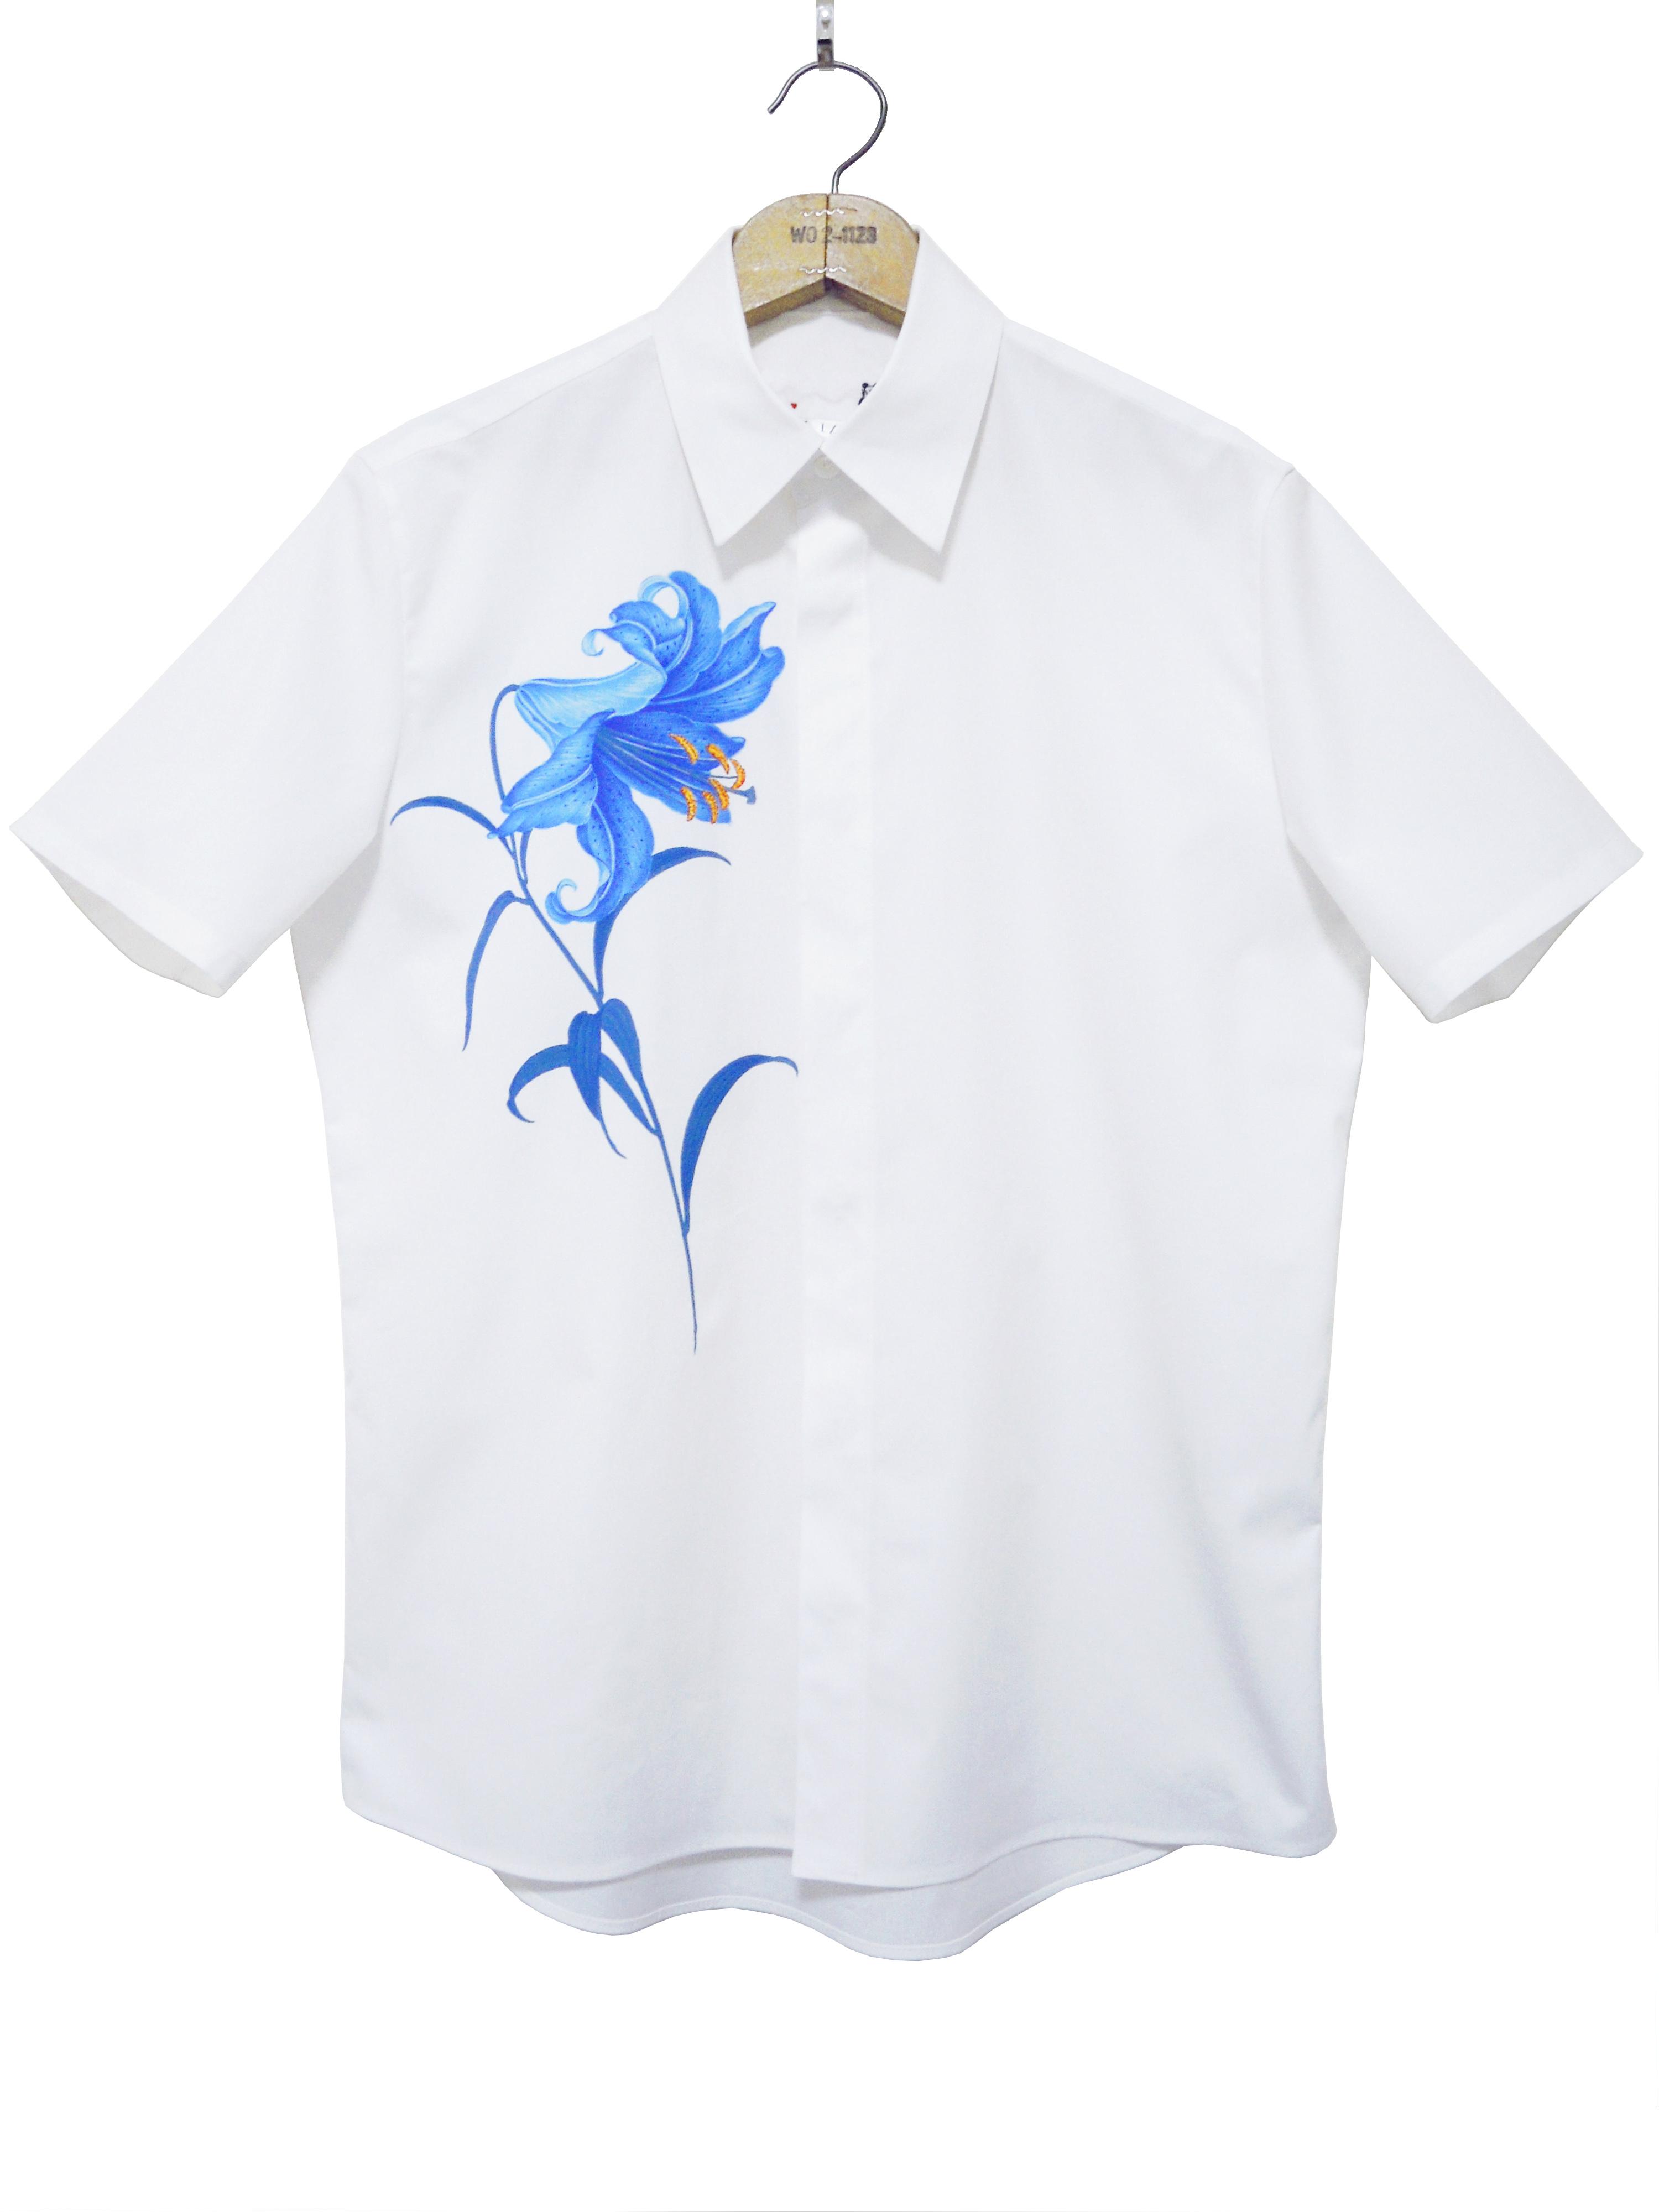 メンズシャツ、プリント、半袖、ブロード、ゆり